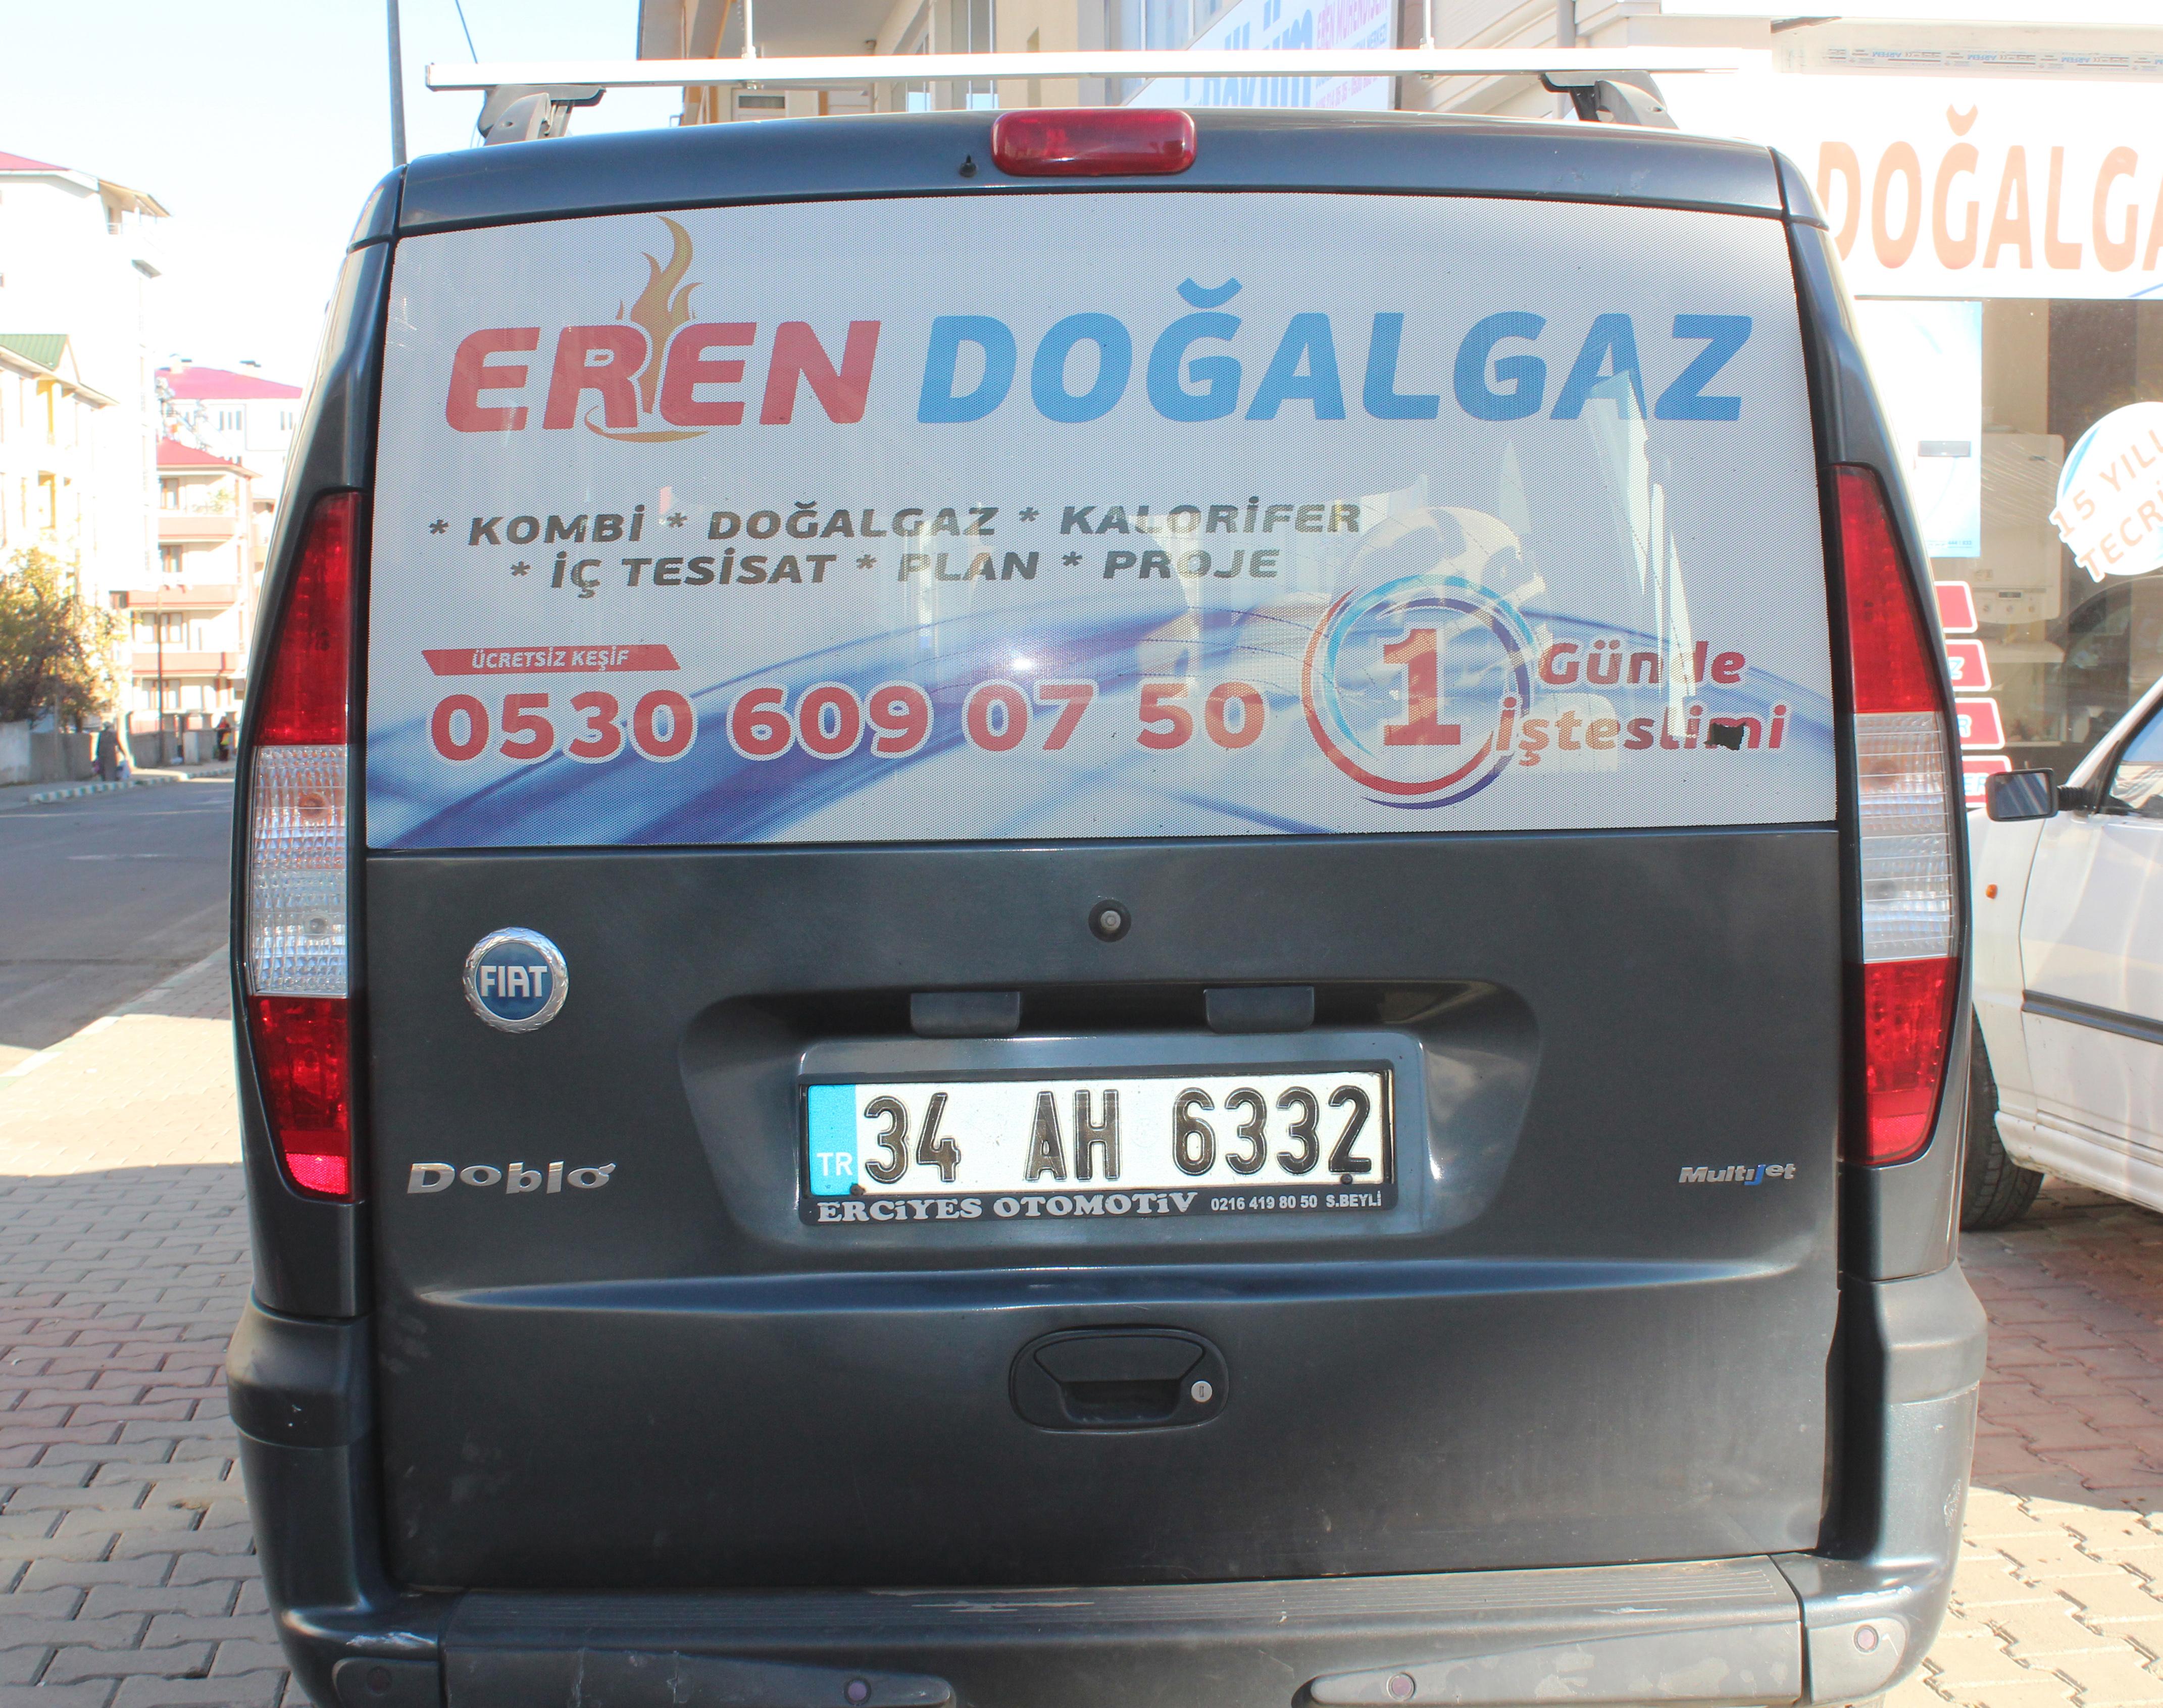 bingol-eren-dogalgaz-7